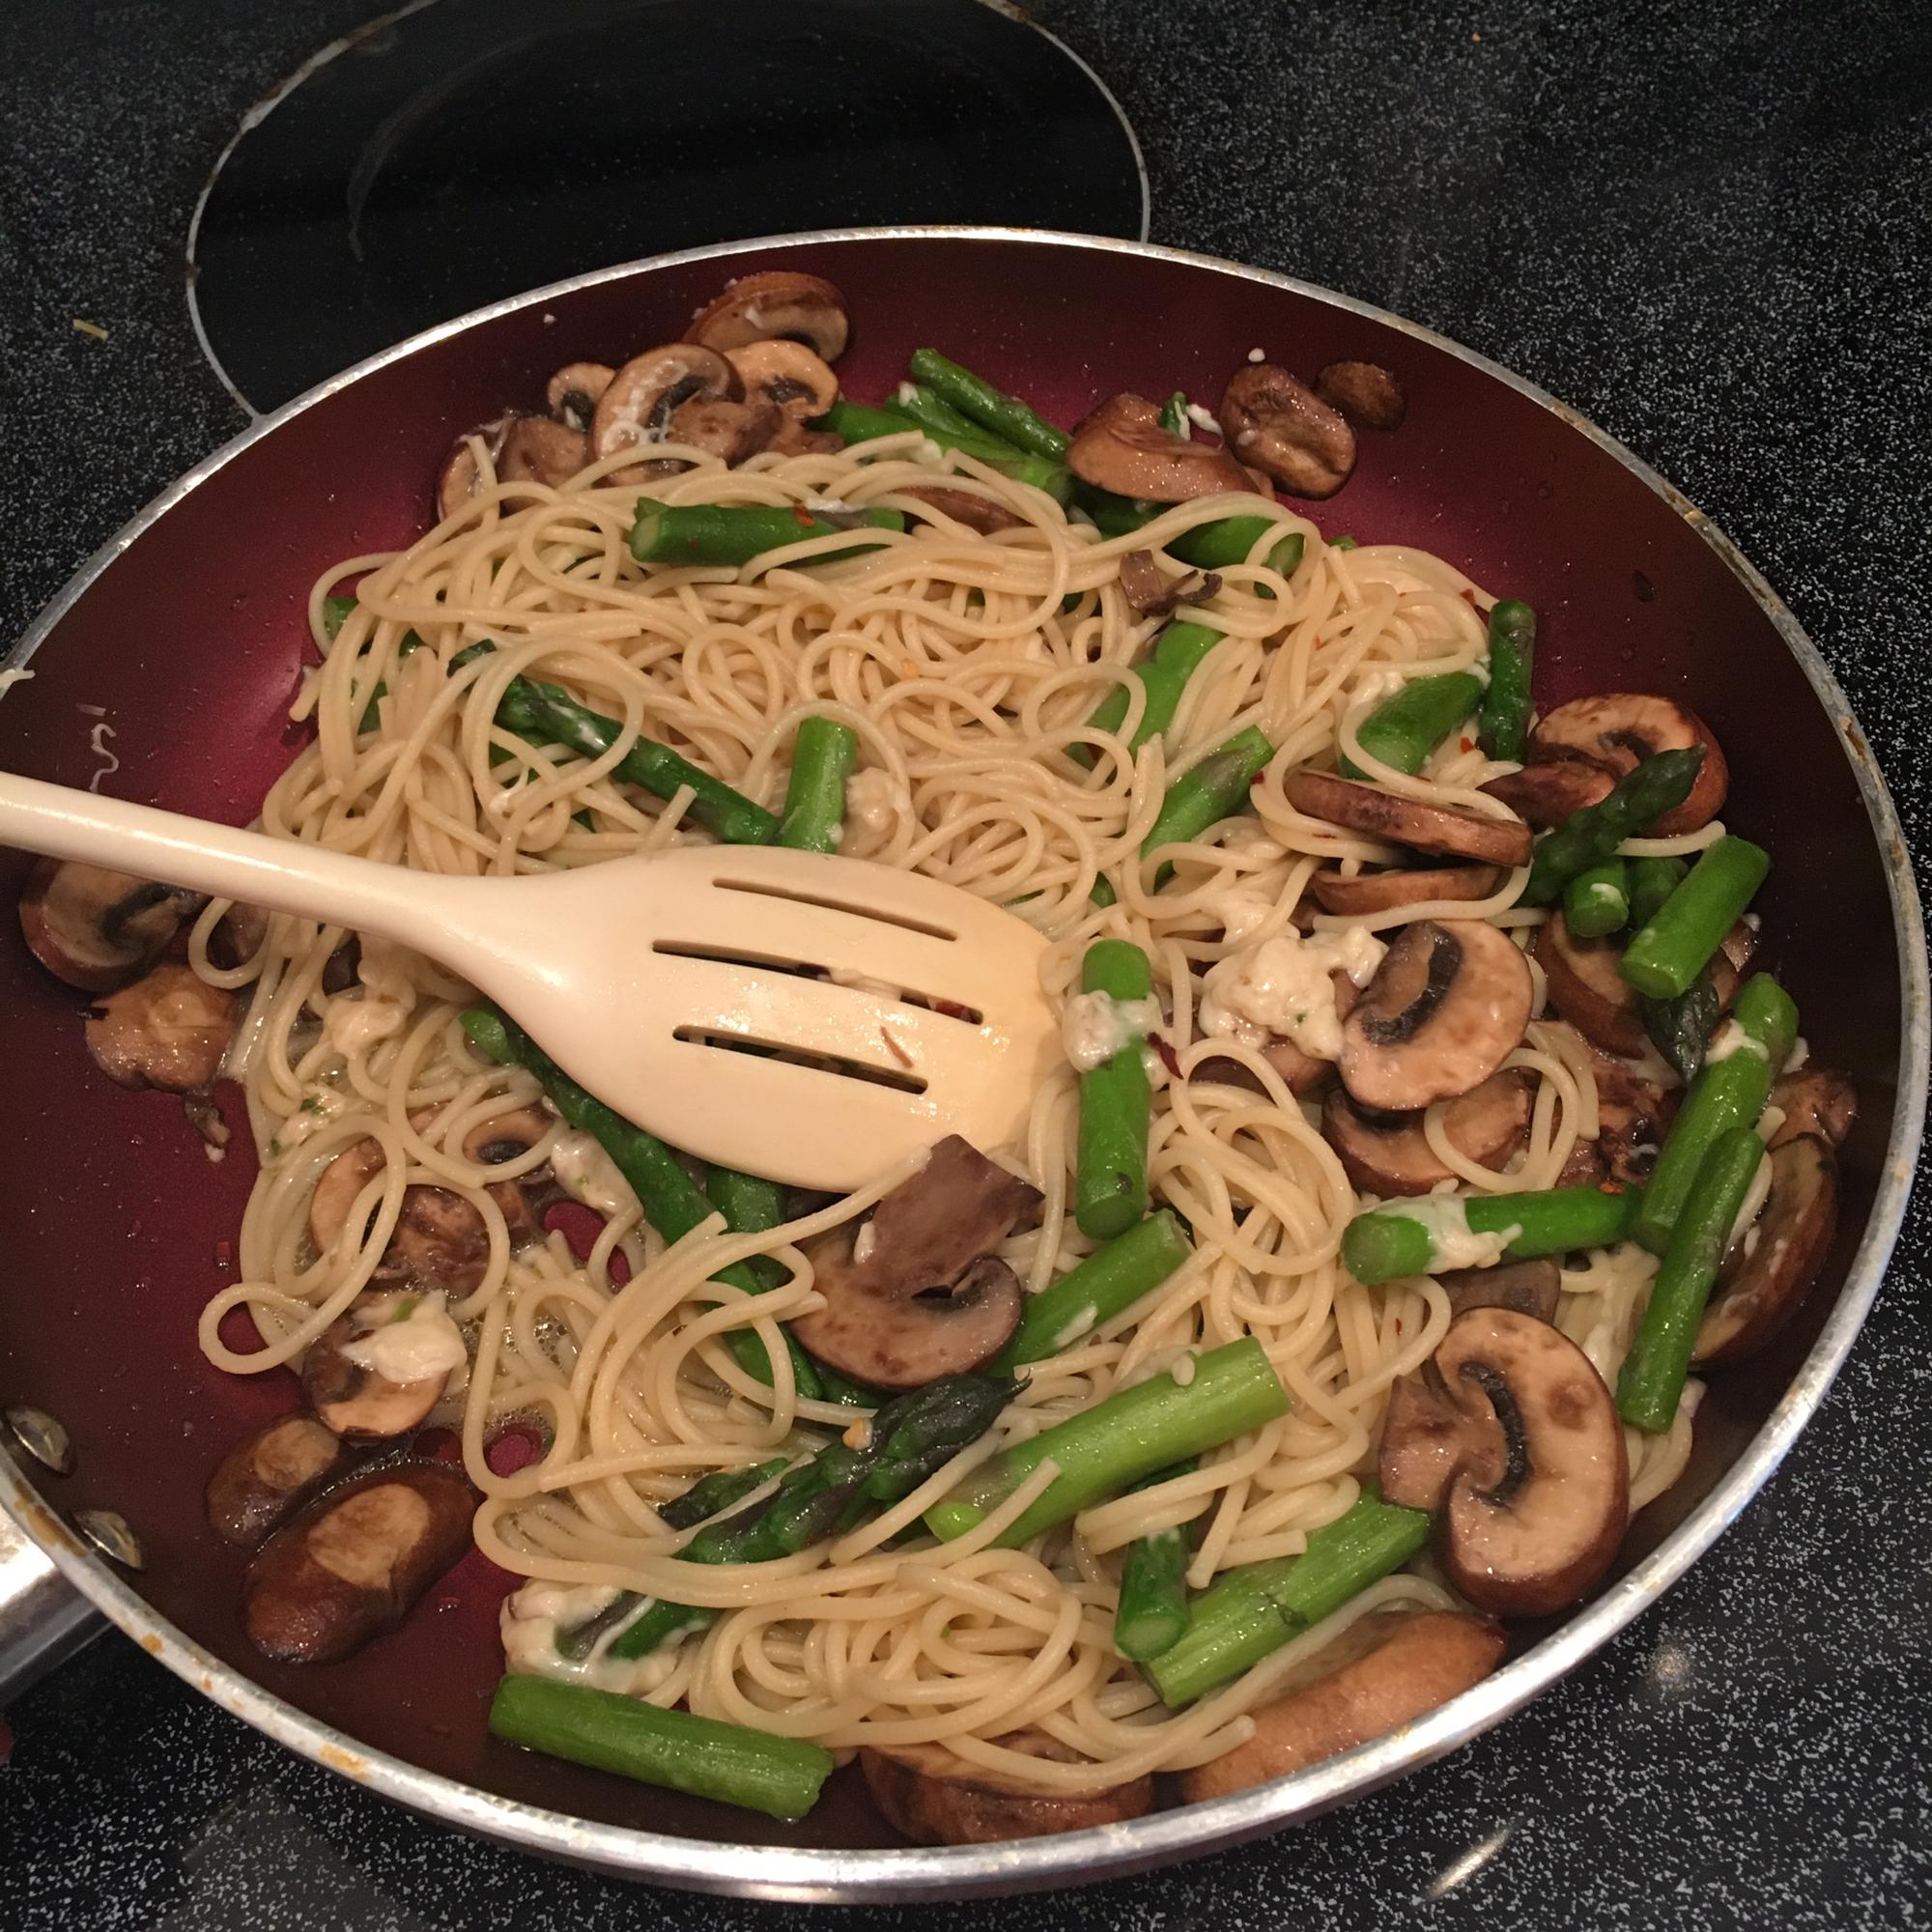 Pasta with Asparagus jcteach1